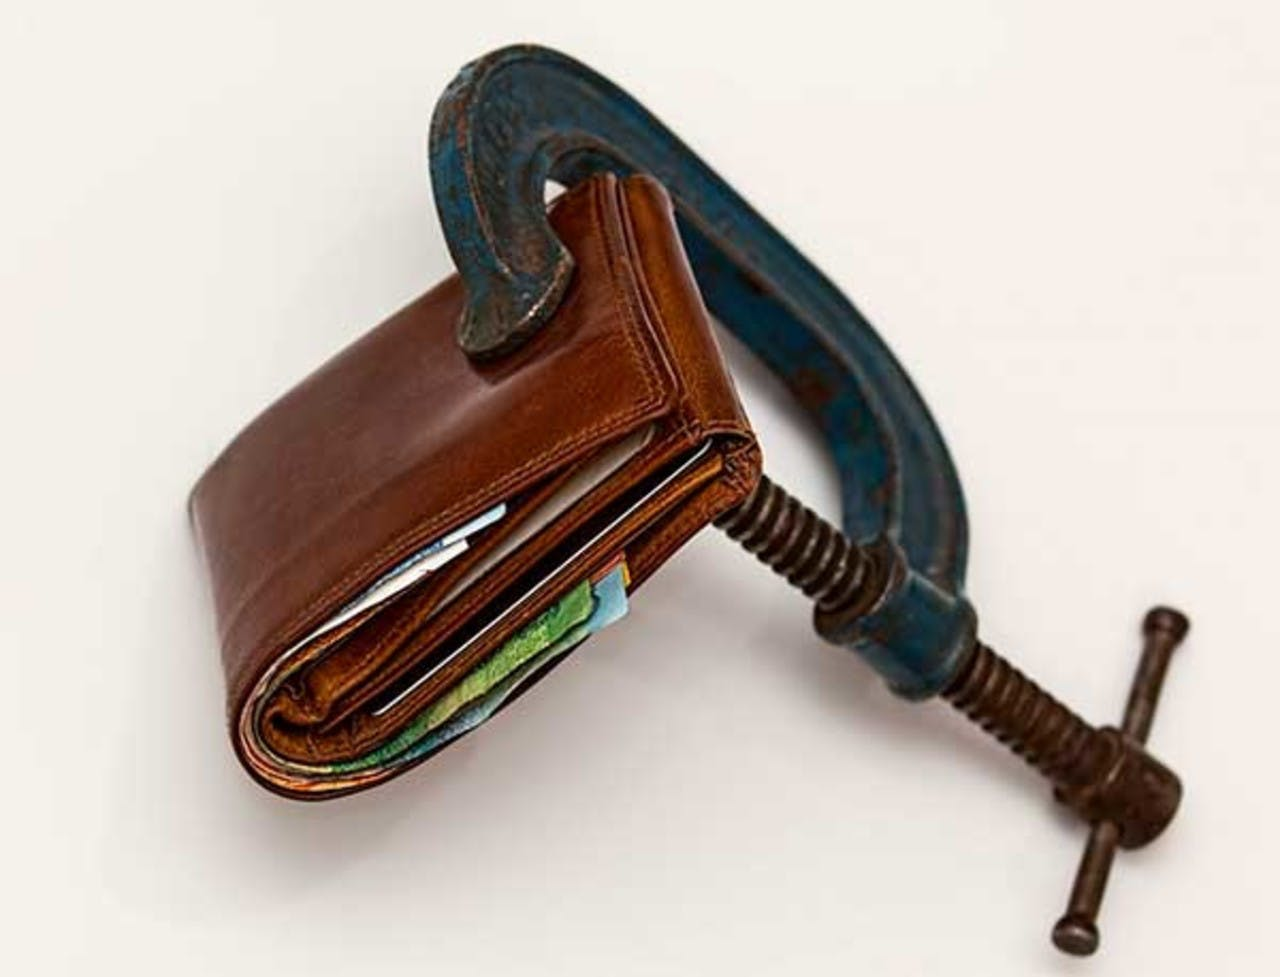 Lommepenger voksne